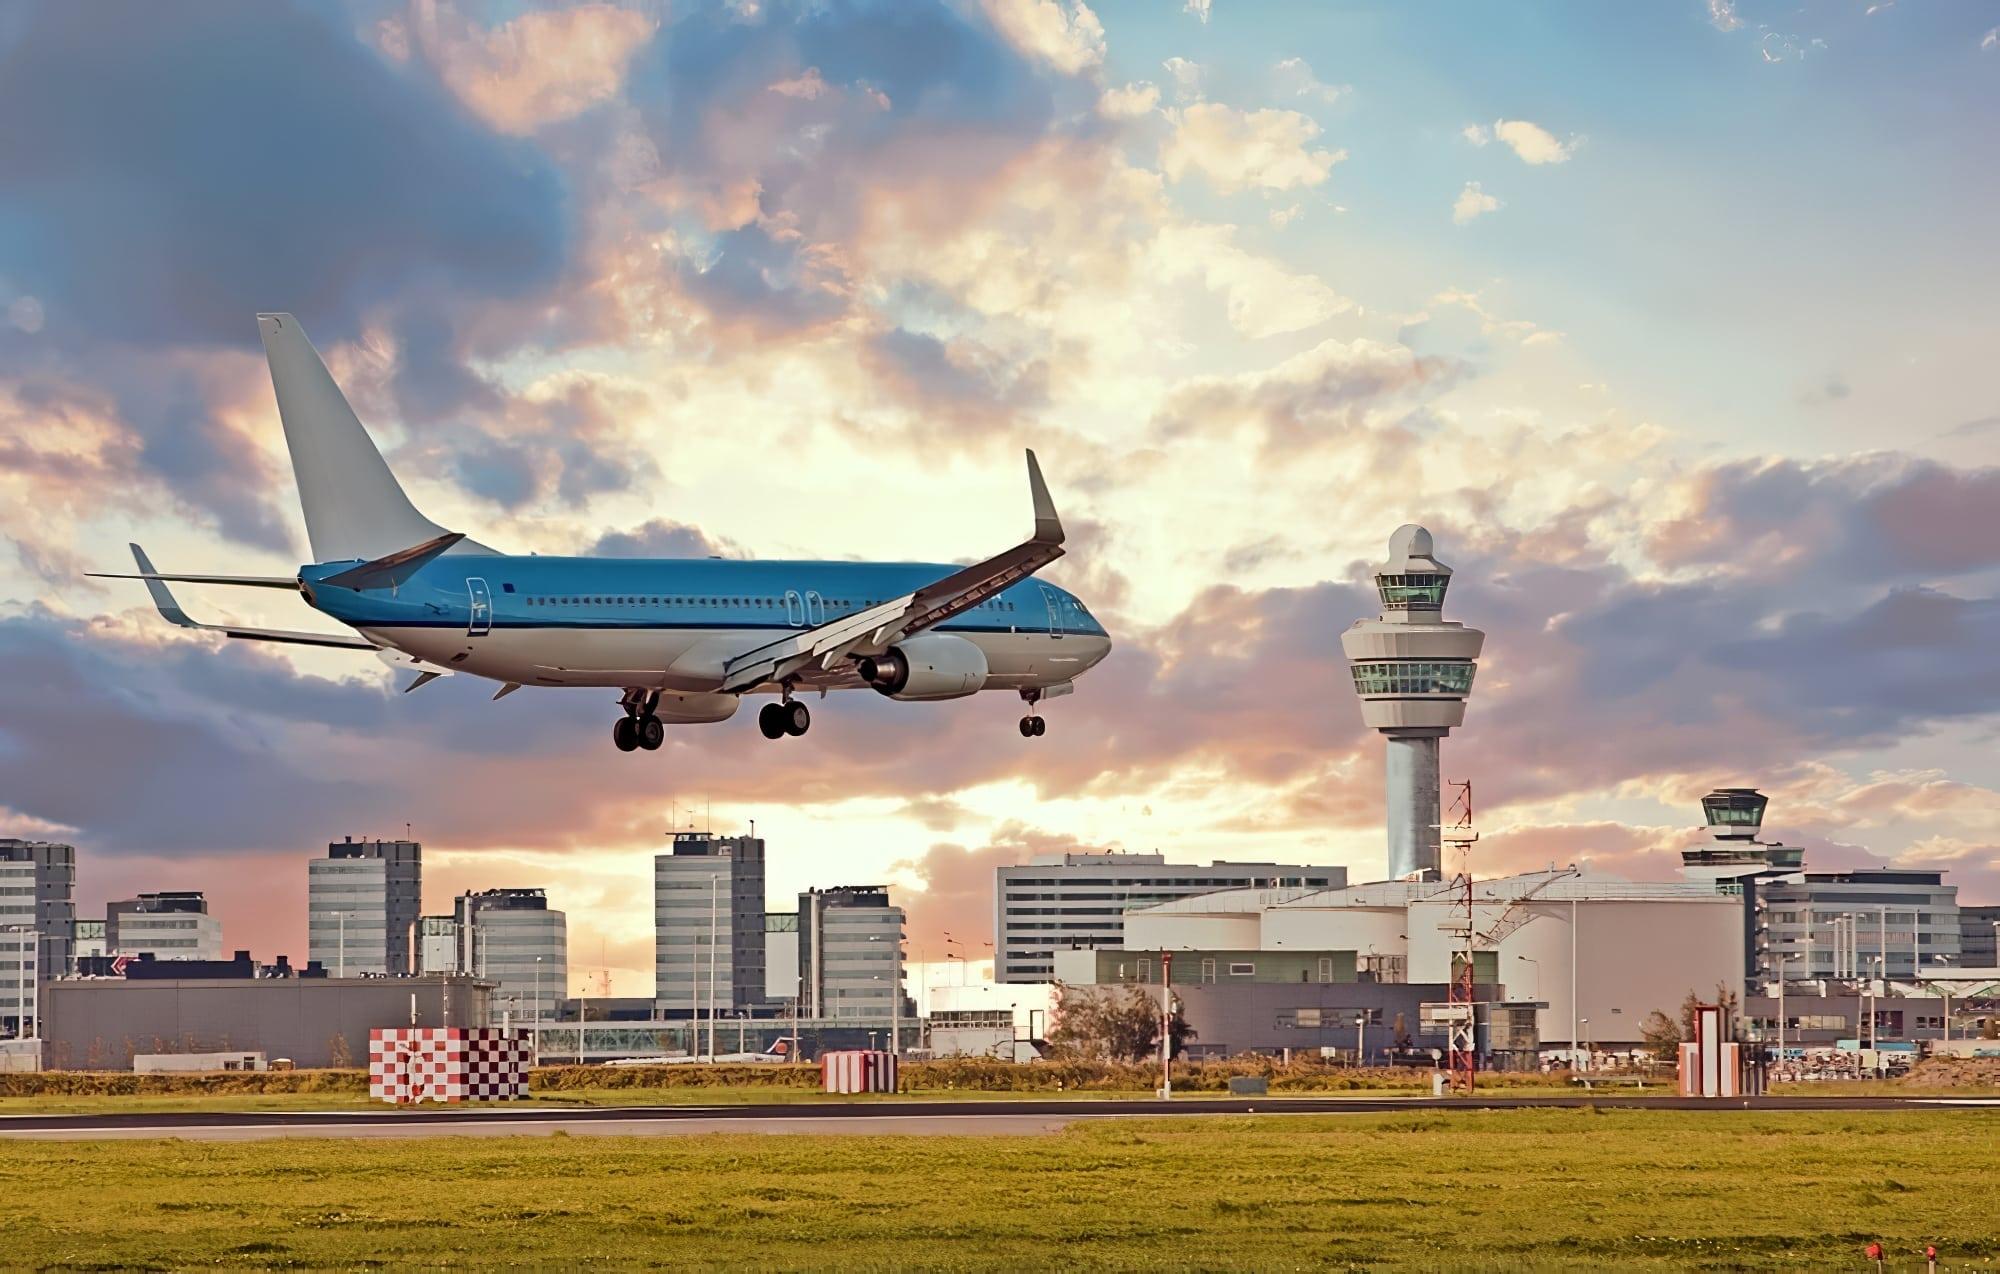 brancher l'aéroport relative datant évolution humaine